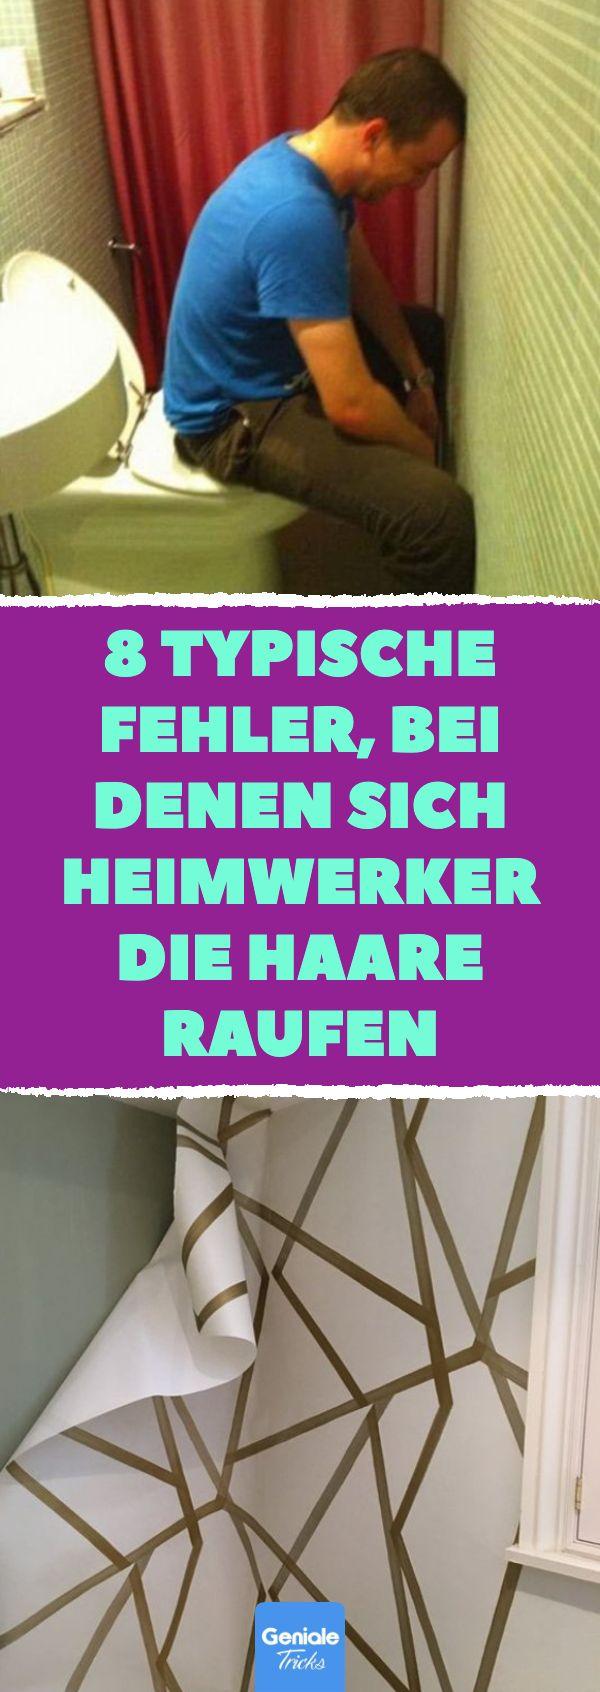 8 typische Fehler, bei denen sich Heimwerker die Haare raufen 8 häufige Heimwerker-Fehler #Tapezieren #Fliesen #Bohren #Wand #Streichen #Fehler